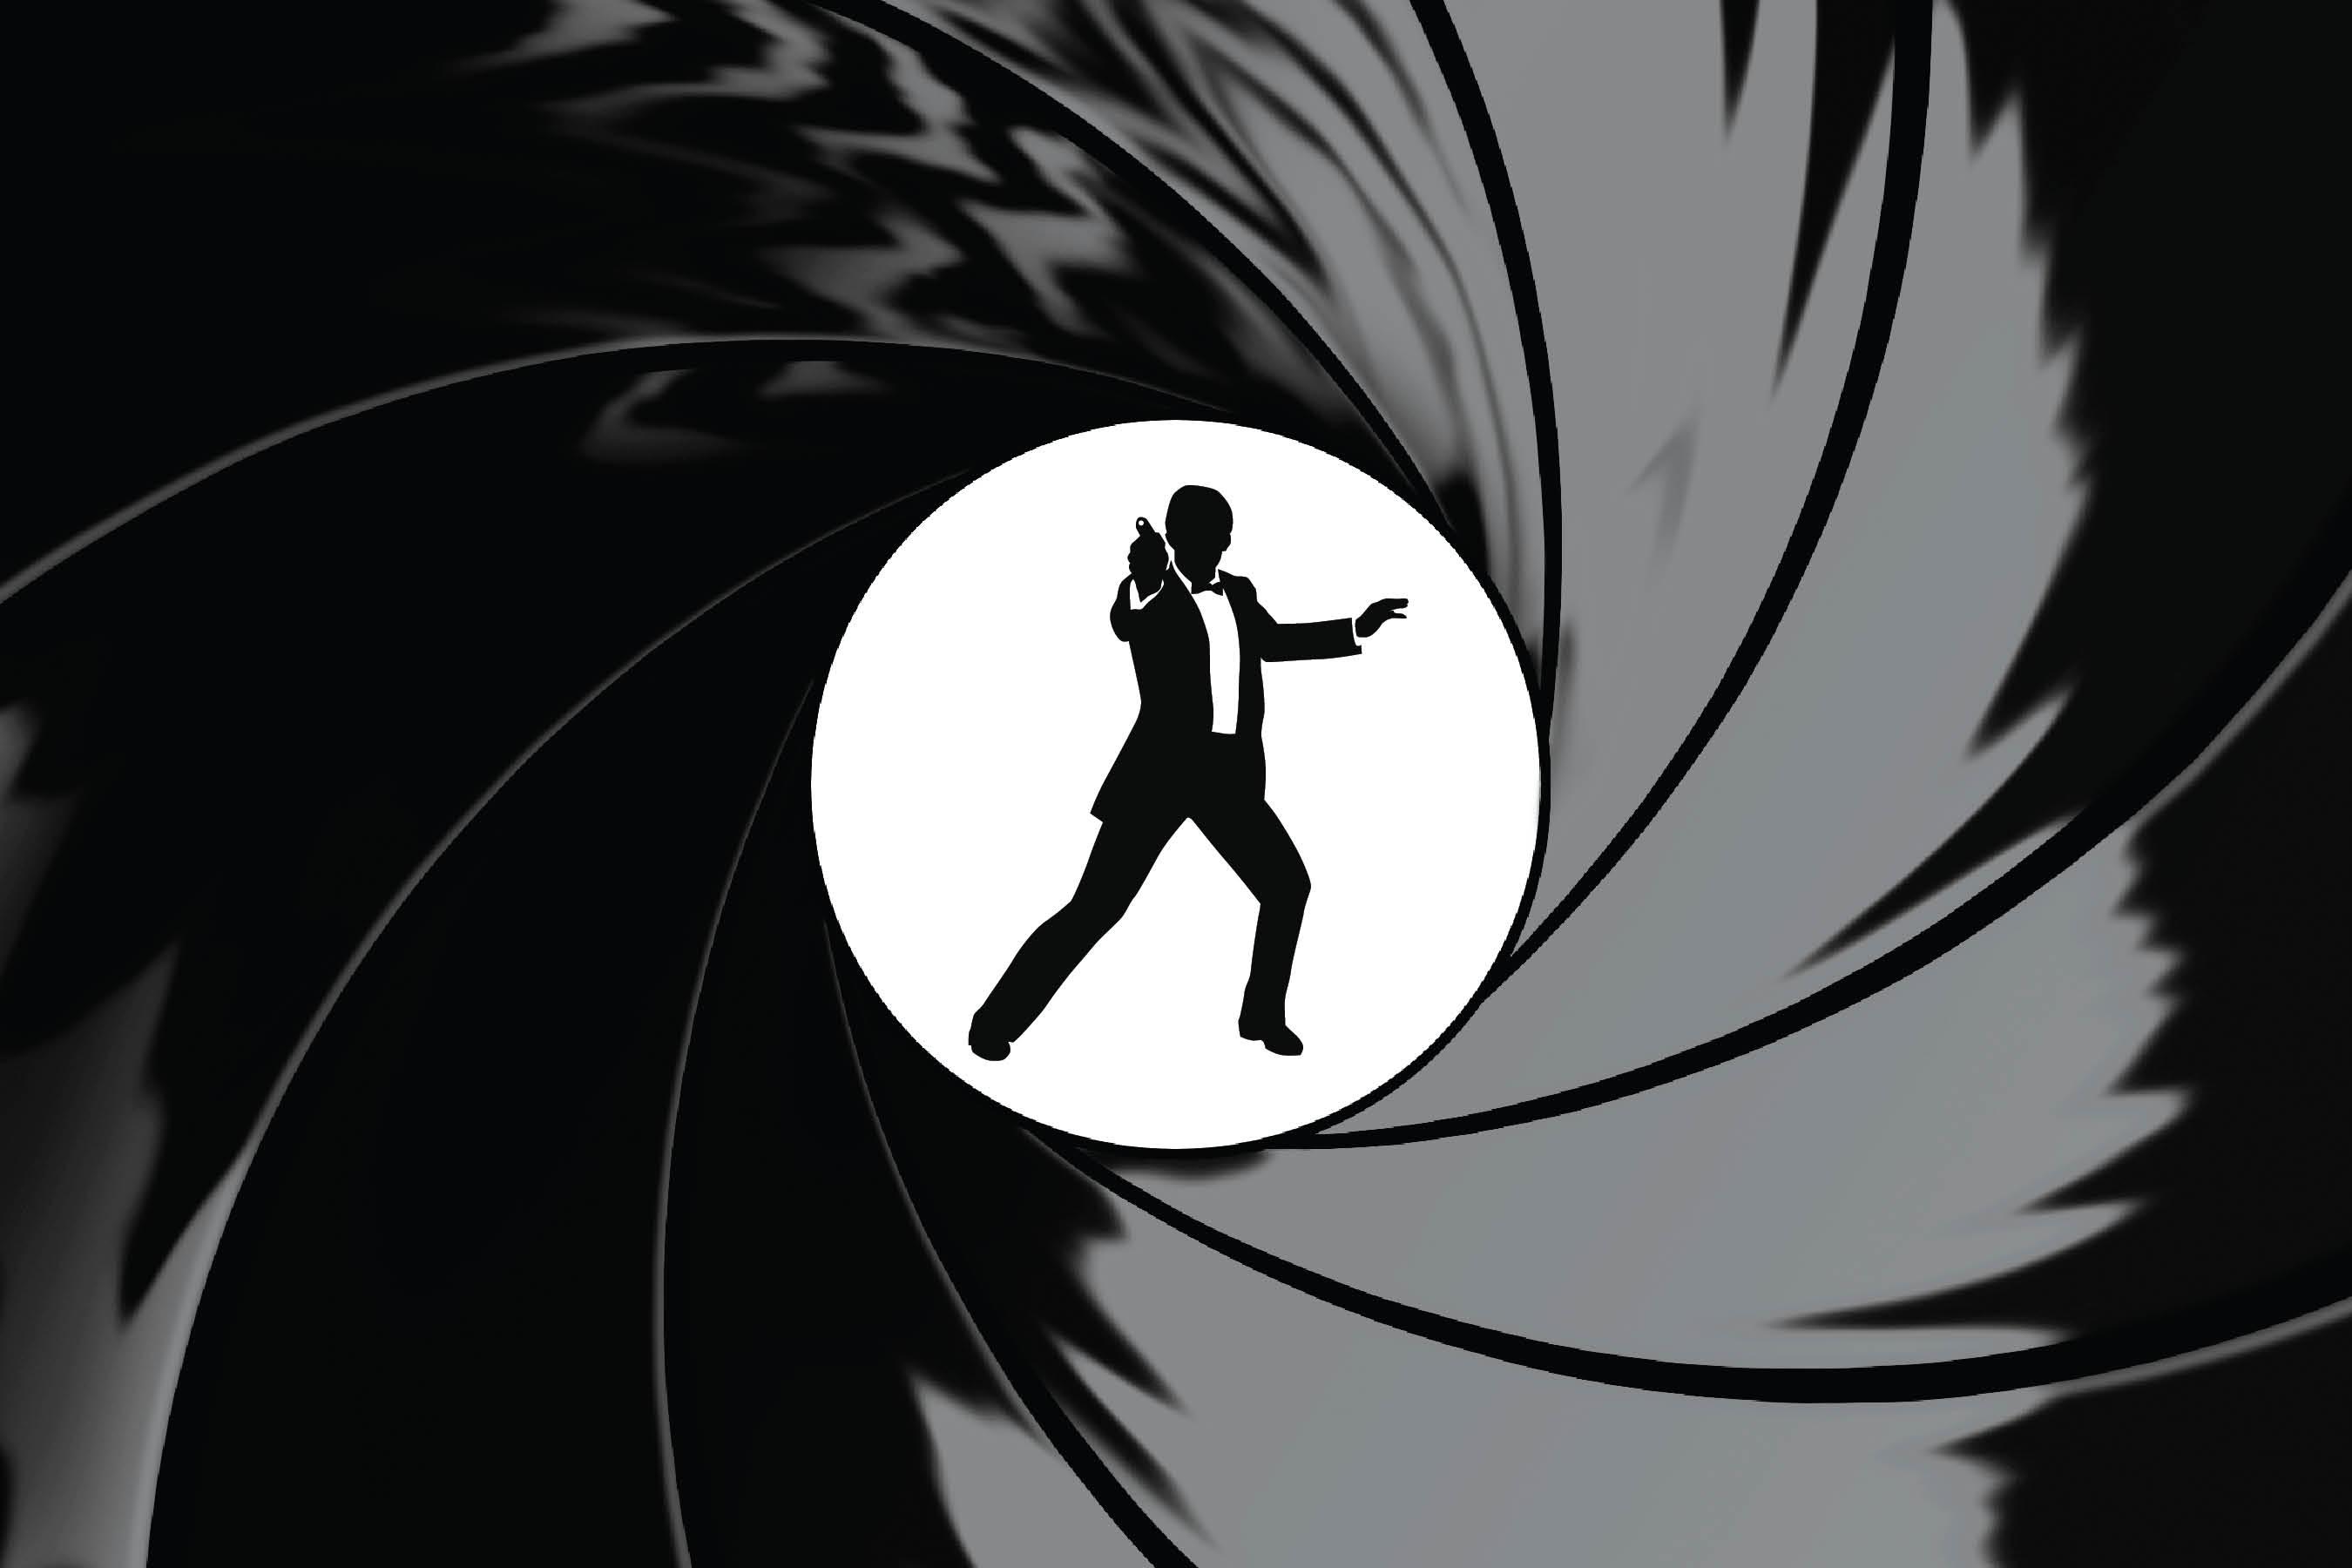 James Bond iPhone Wallpaper - WallpaperSafari